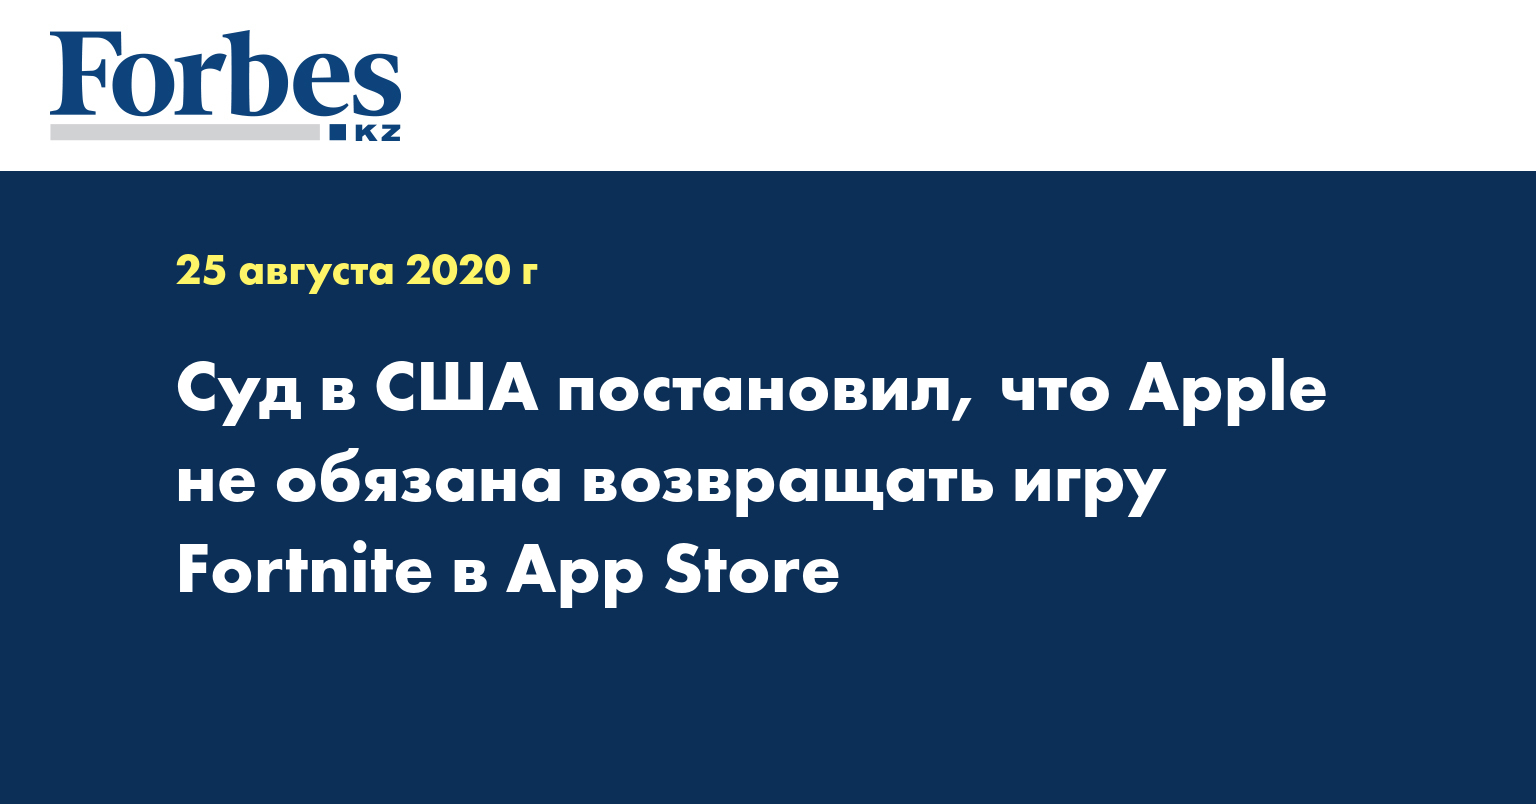 Суд в США постановил, что Apple не обязана возвращать игру Fortnite в App Store